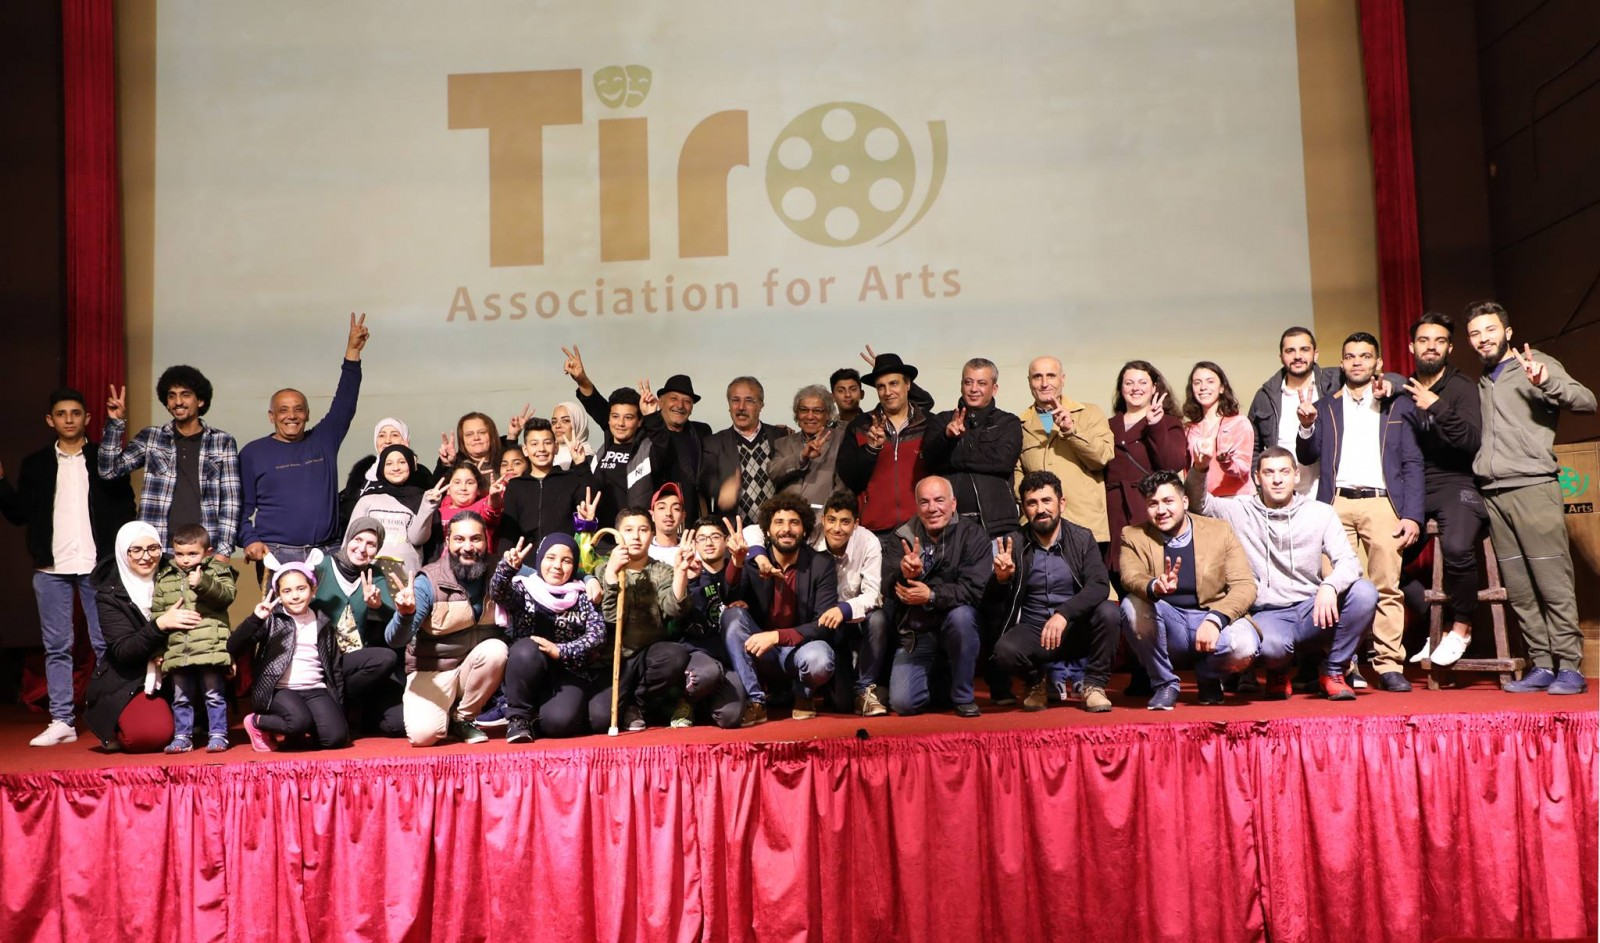 مسرح إسطنبولي يحتفل باليوم العالمي للمسرح